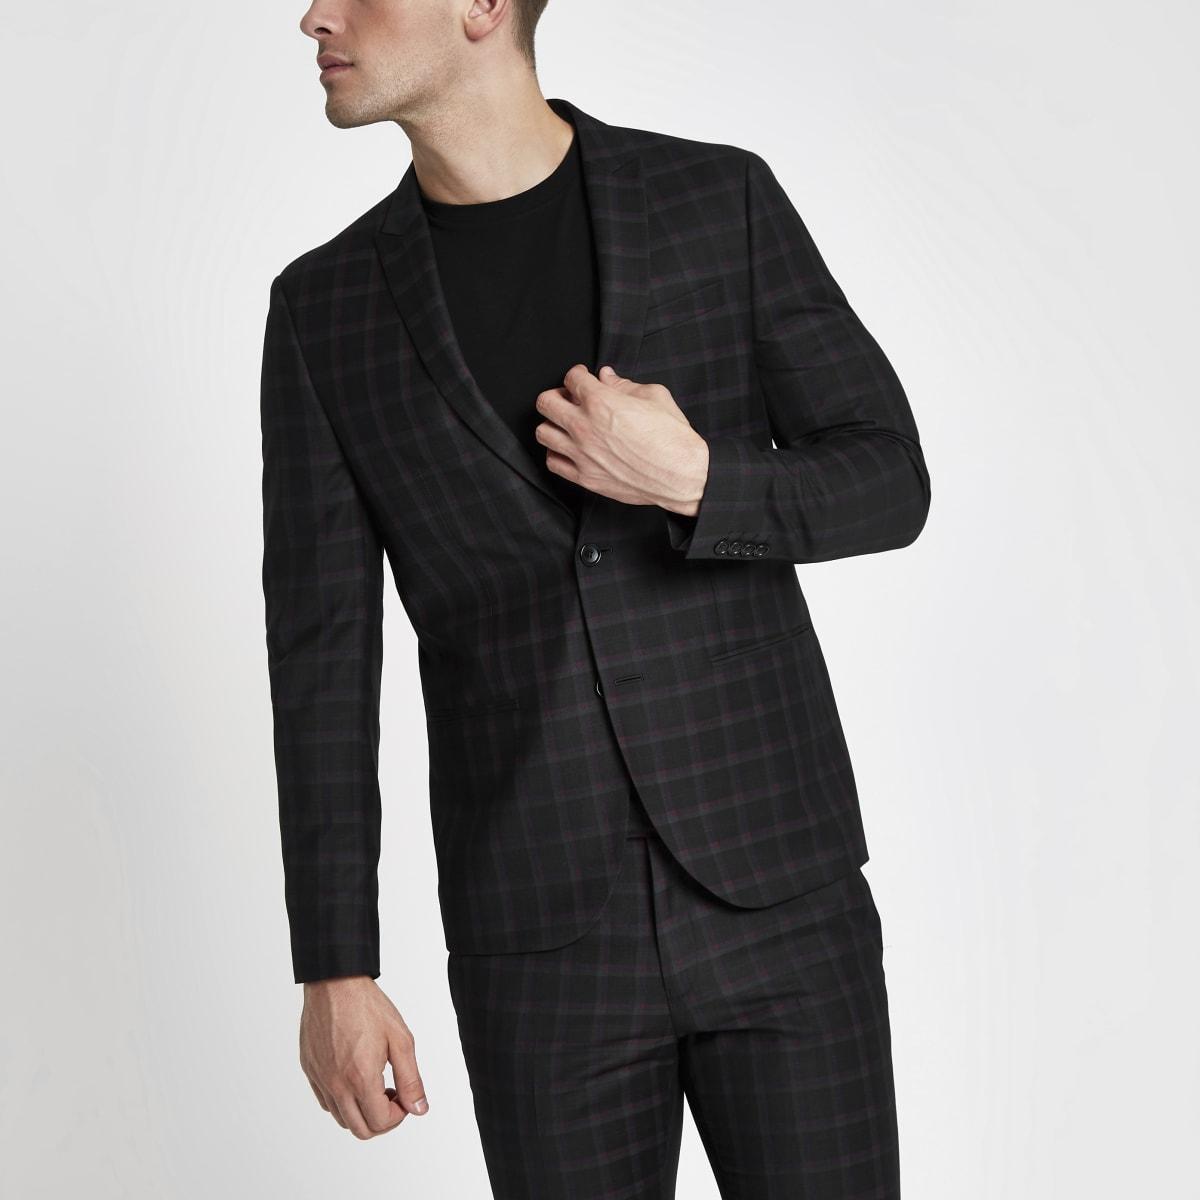 Schwarze, karierte Skinny Fit Anzugsjacke